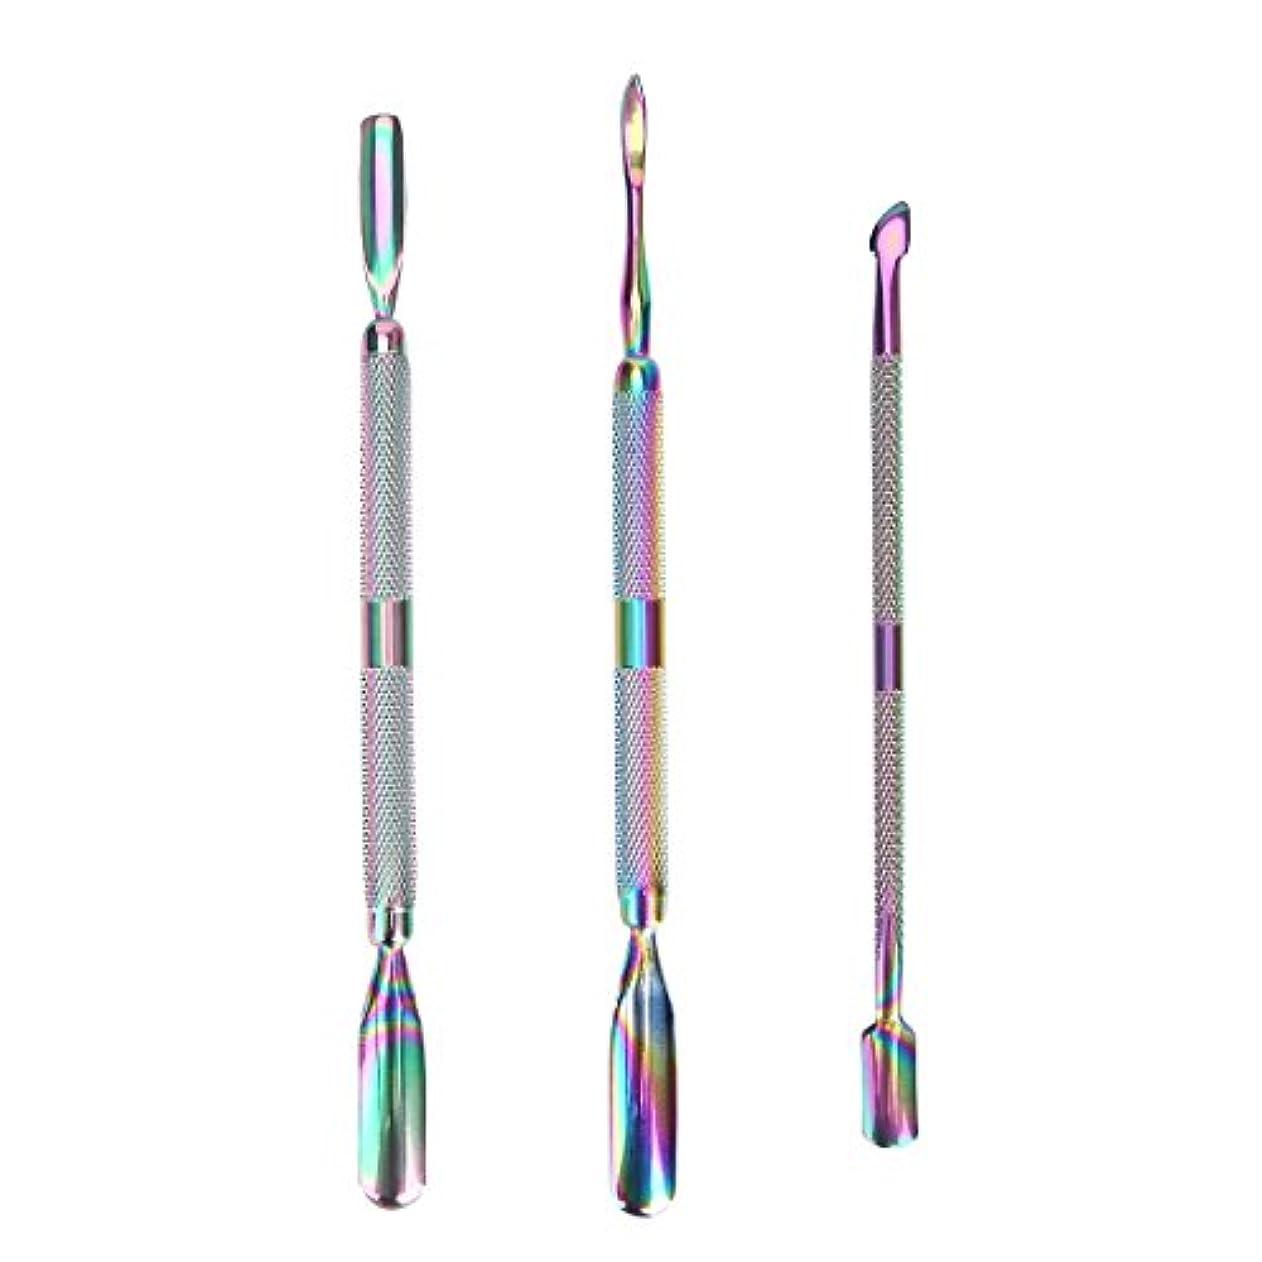 感染するいちゃつく医療の3 Pcs/set Rainbow Stainless Steel Dual End Nail Art Dead Skin Cuticle Remover Pusher Spoon Pedicure Manicure Care...